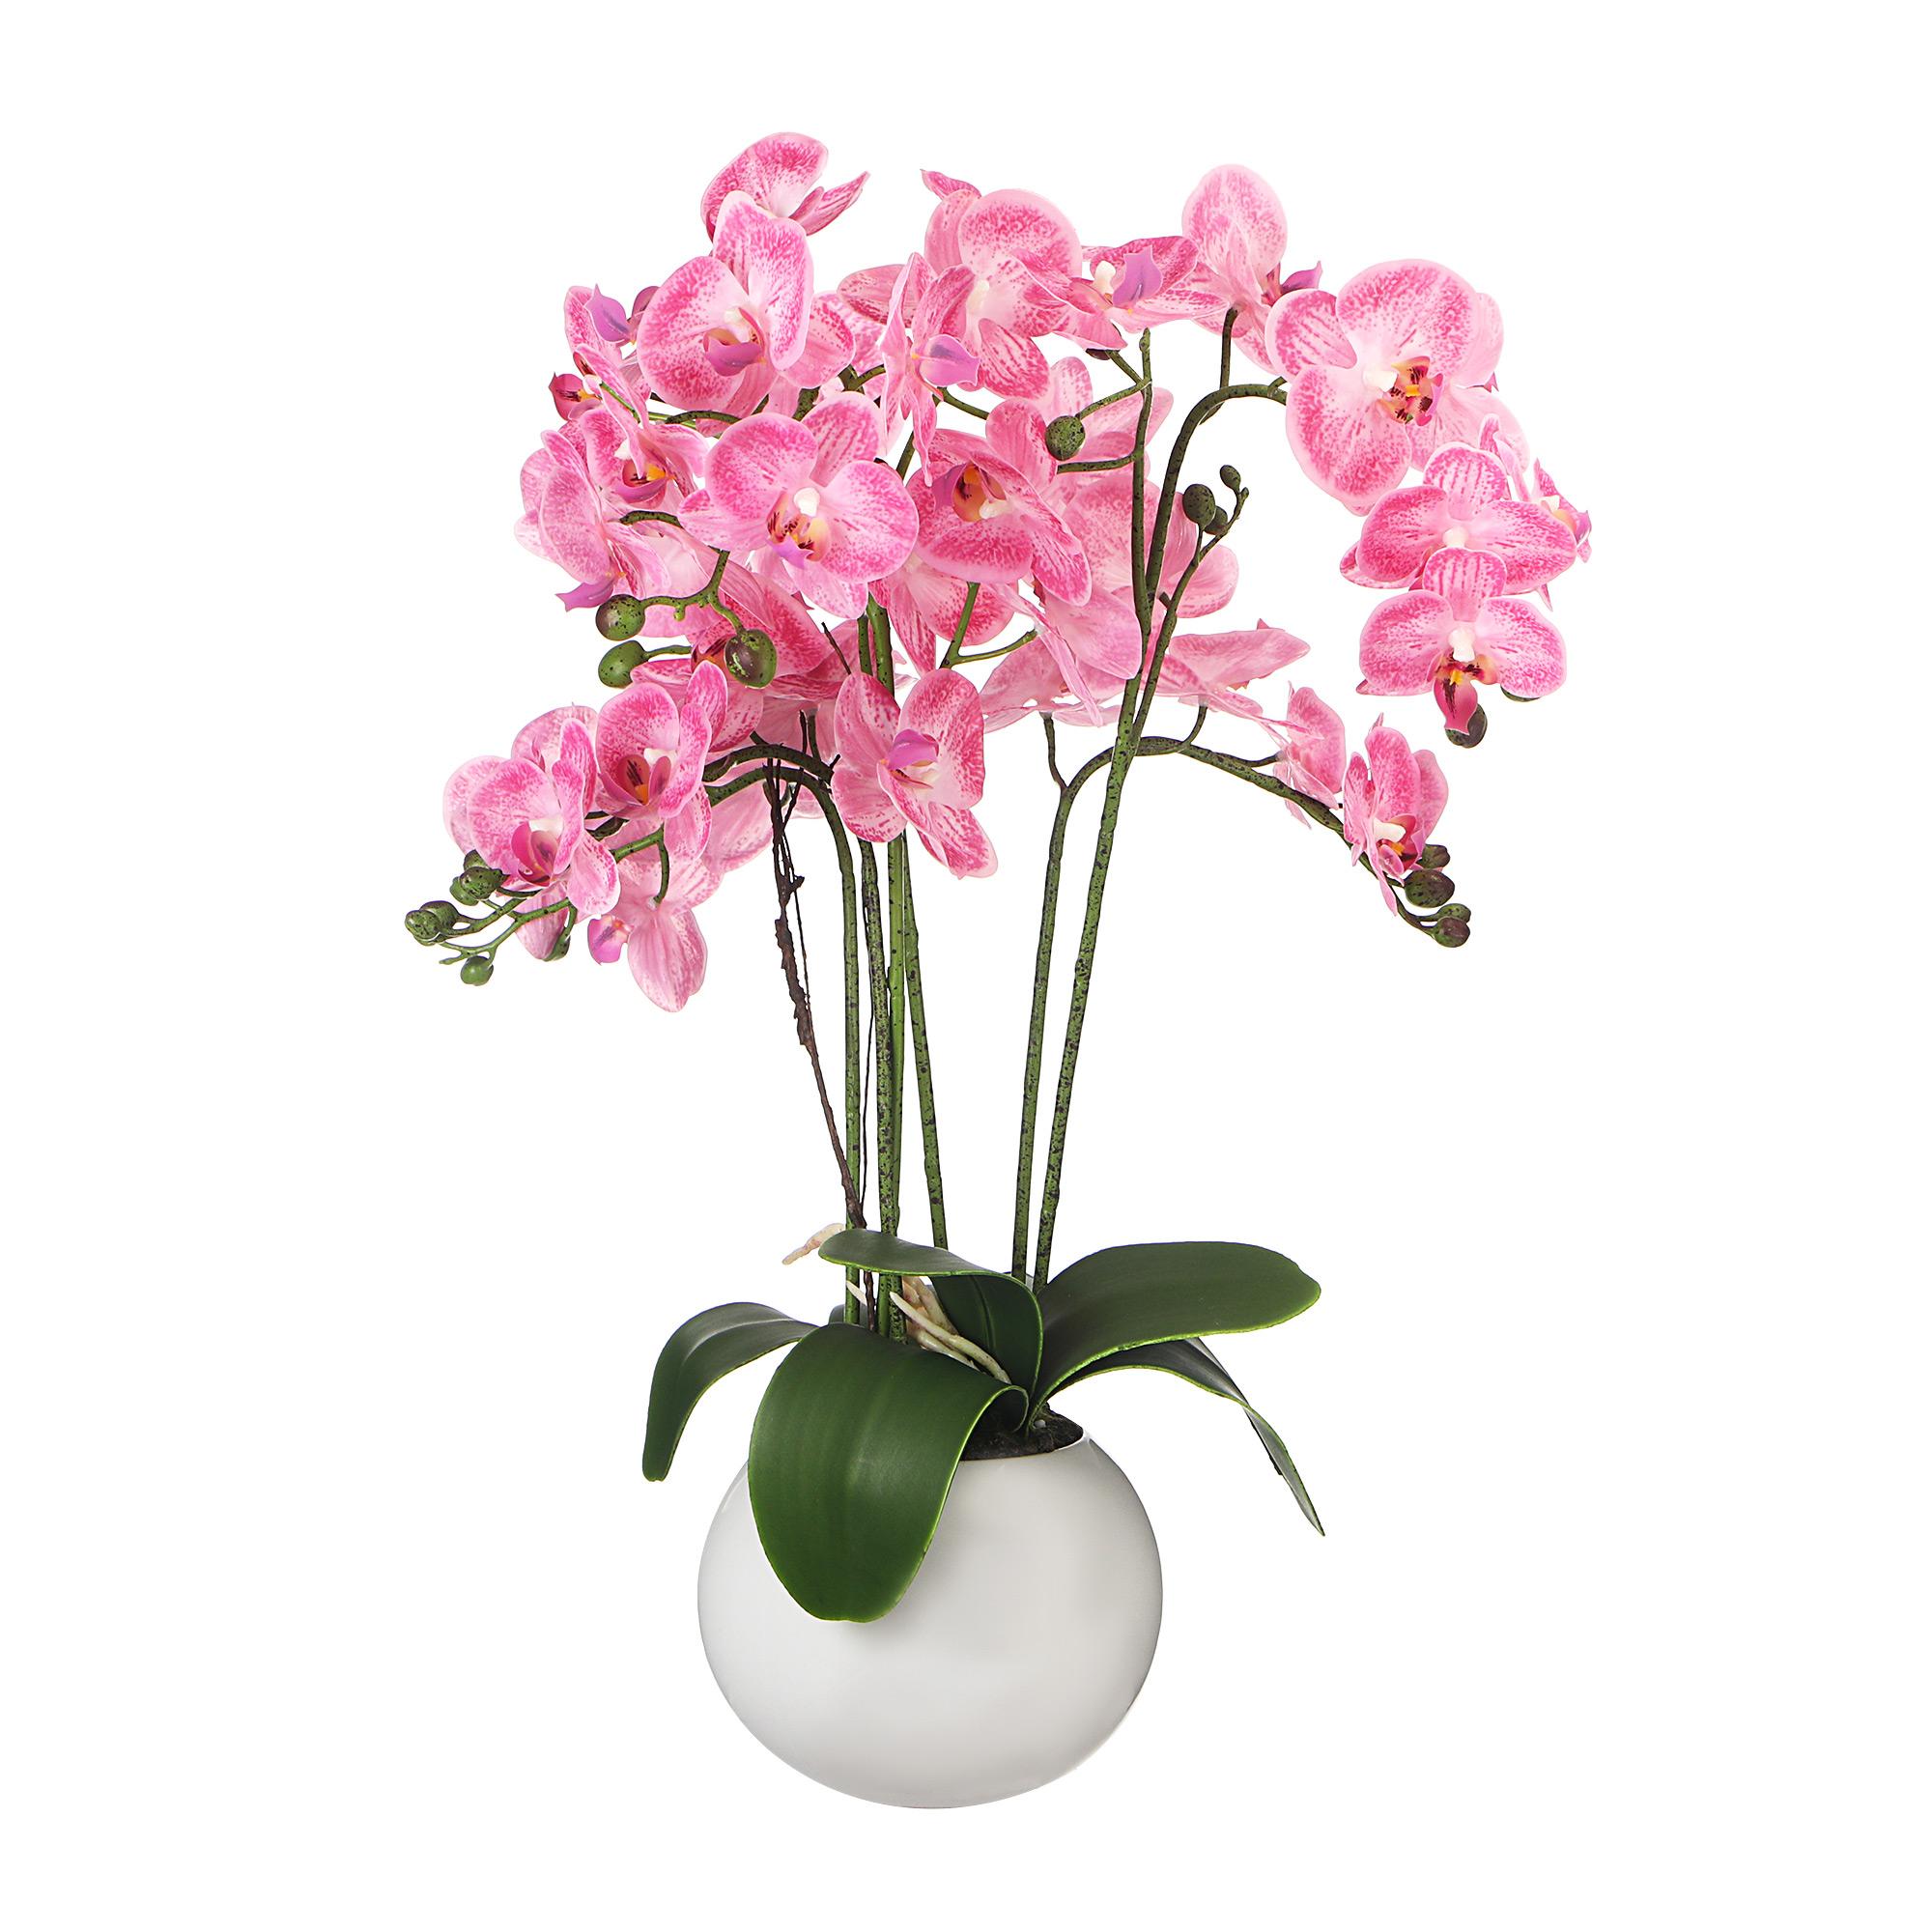 Цветок искусственный в горшке Colorful орхидея rosedust 48/80см